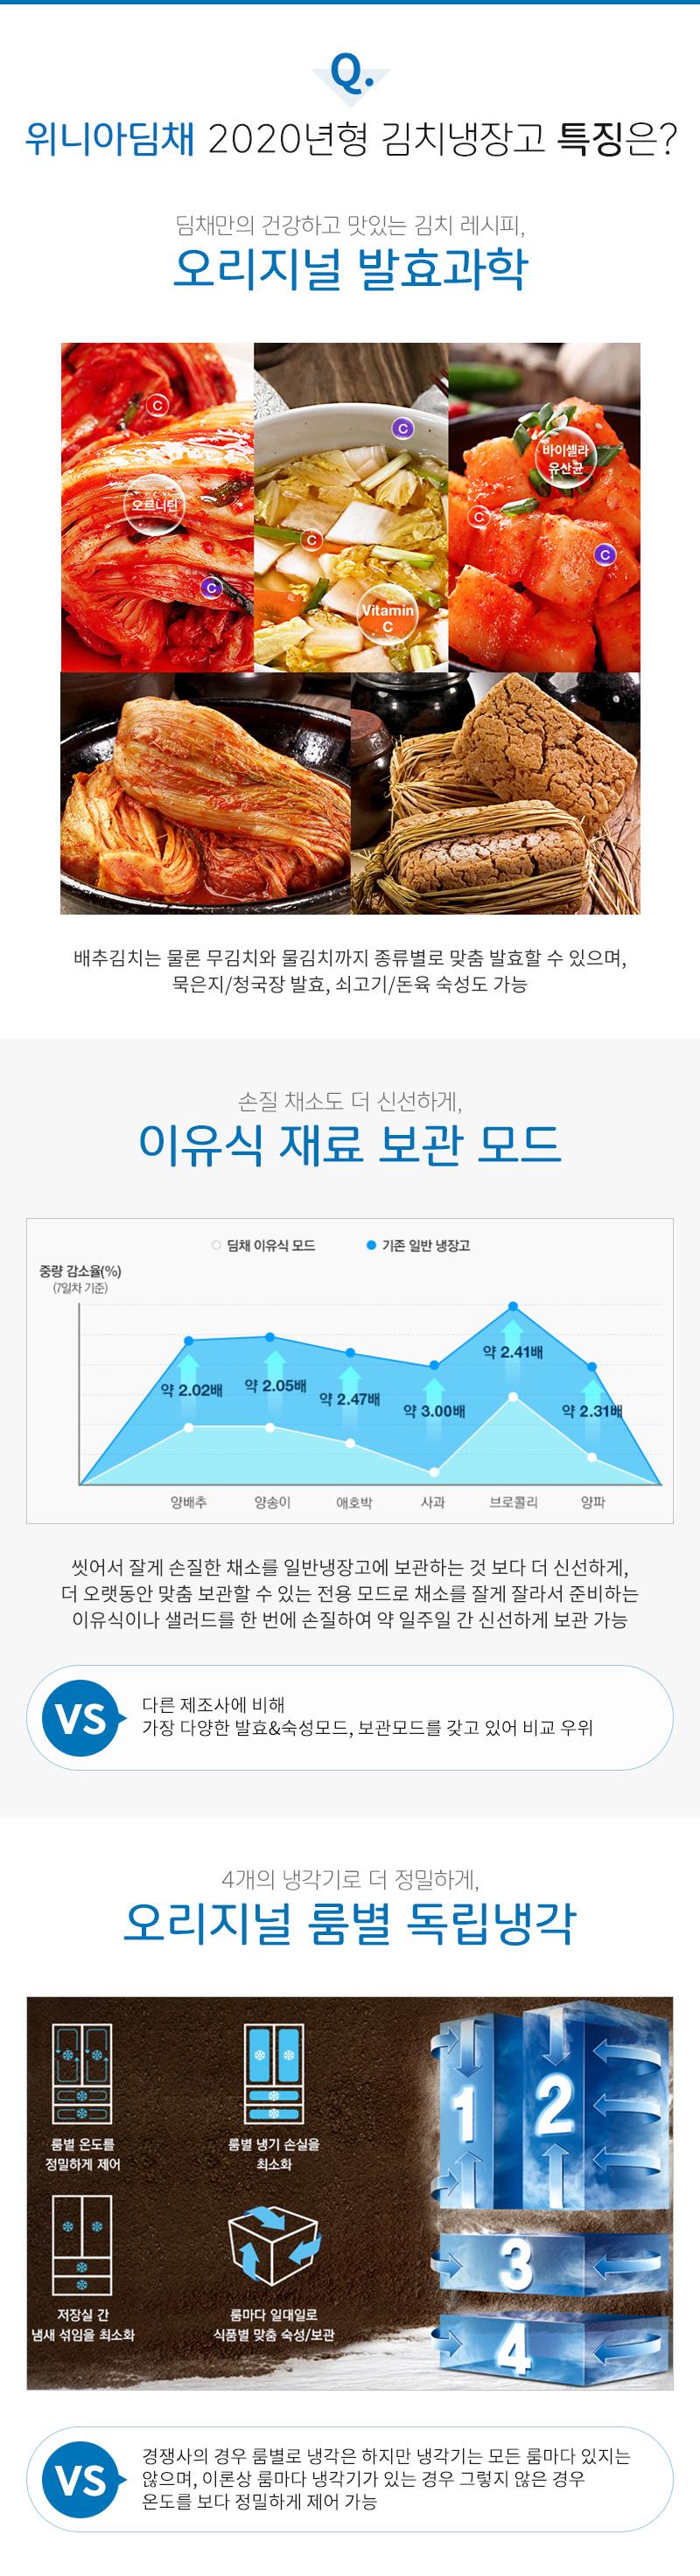 위니아딤채 2020년형 김치냉장고 특징